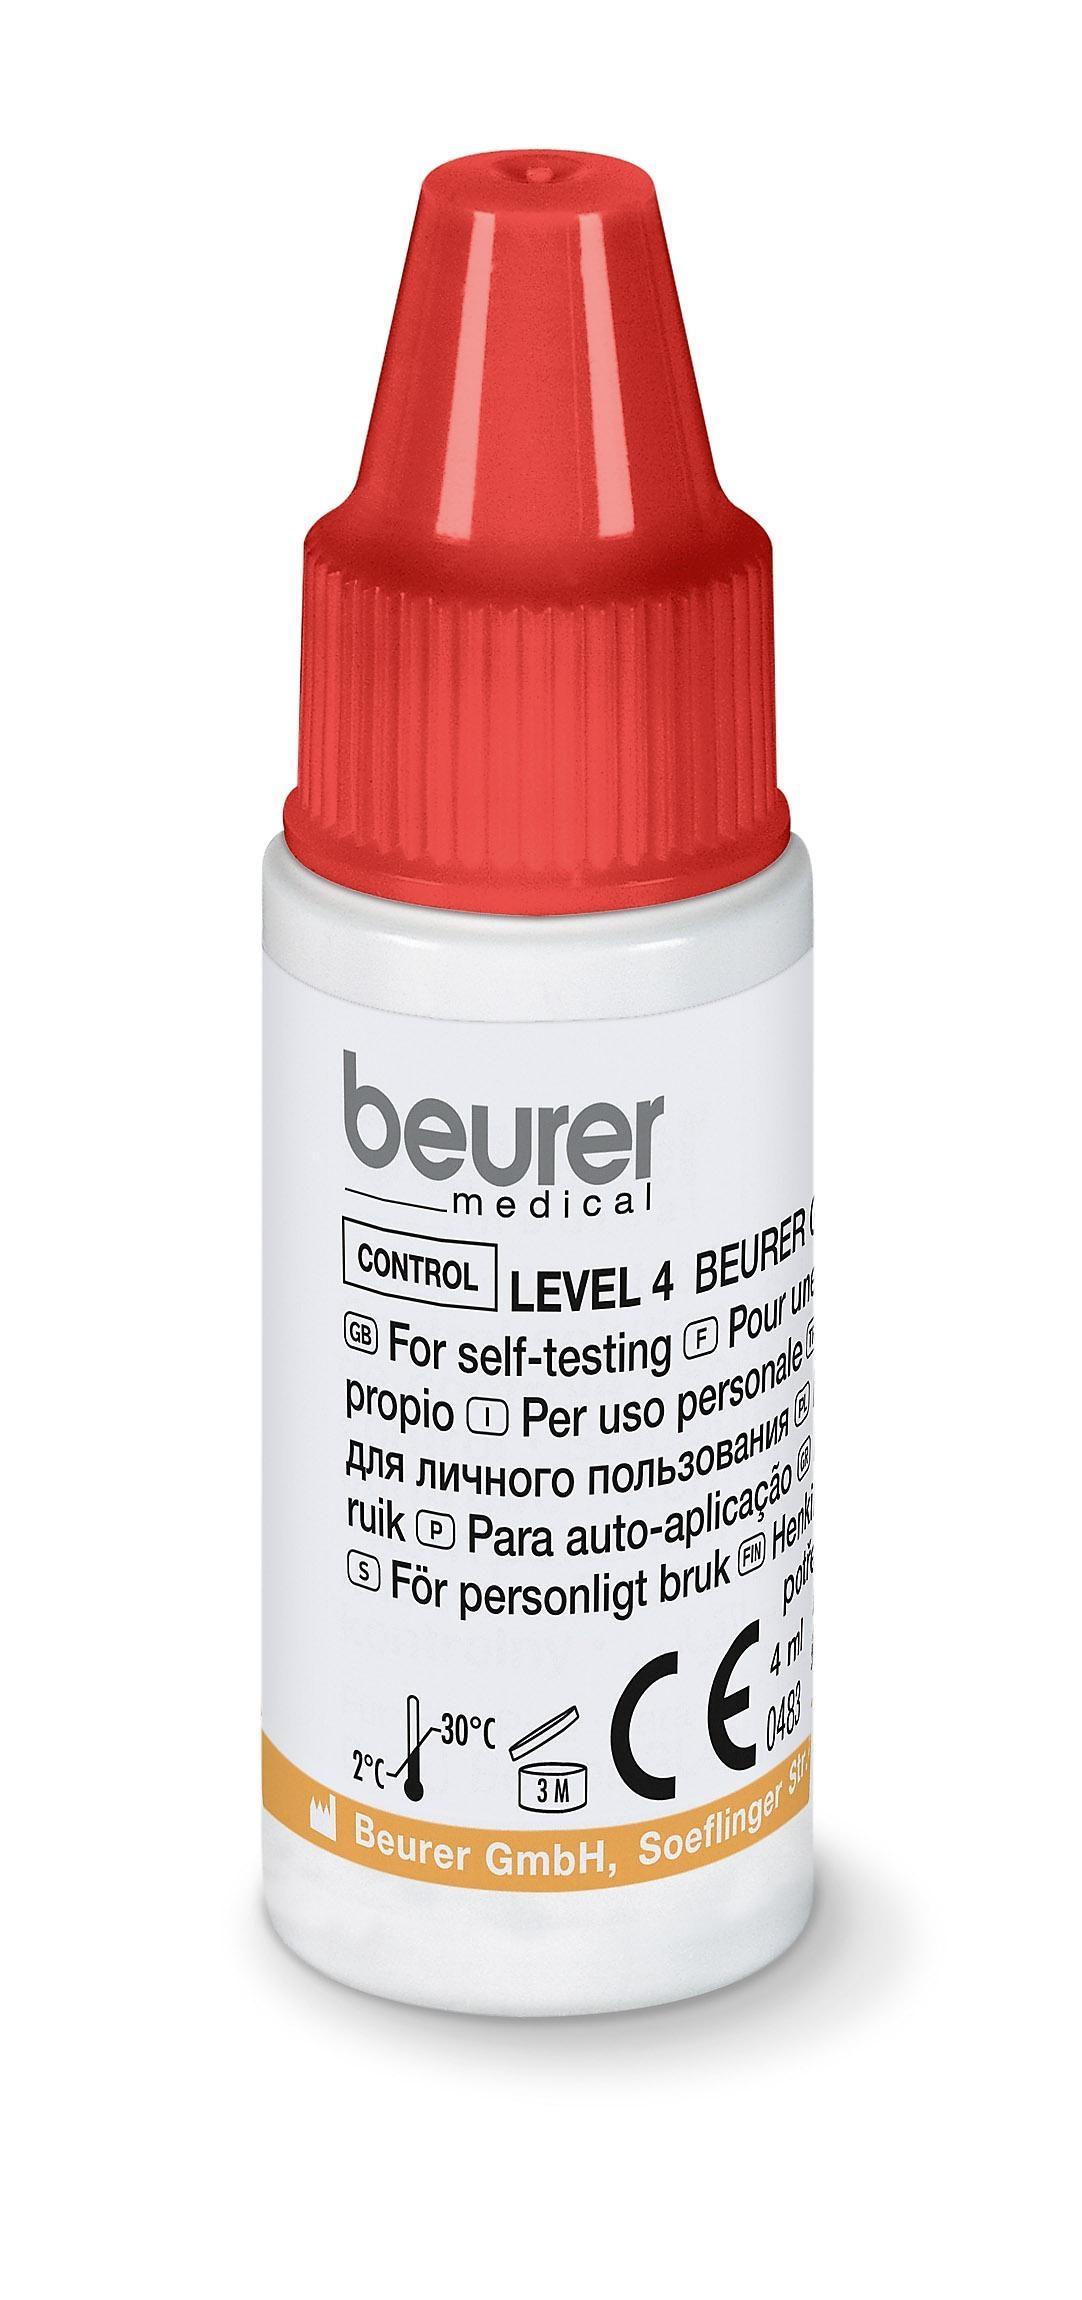 beurer GL44/50 Kontrolllösung 3+4 2 x 4ml